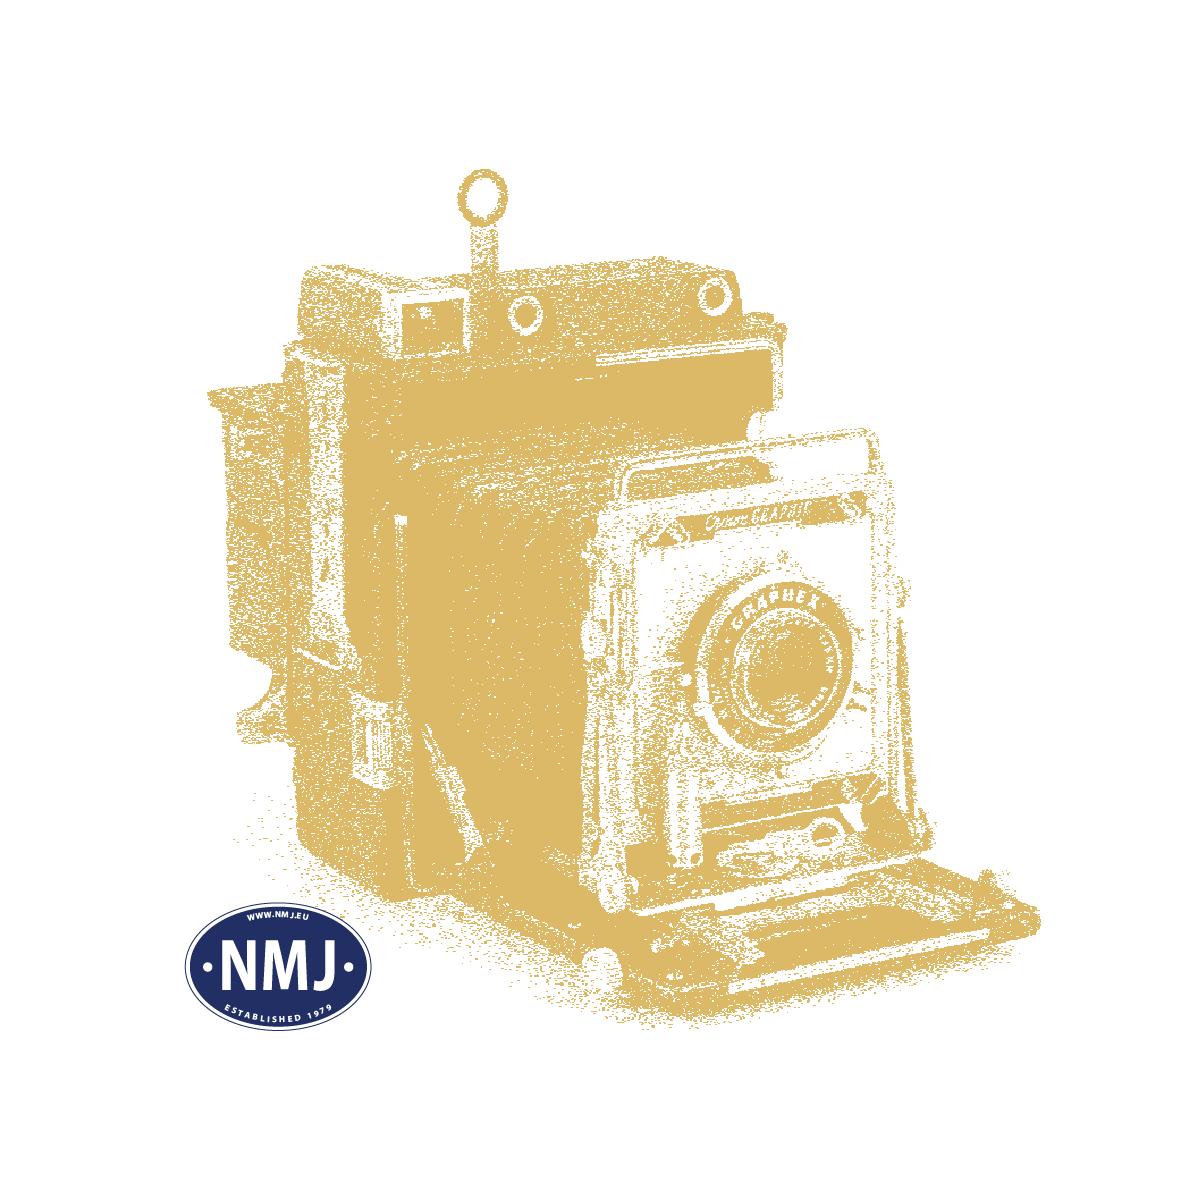 NMJ0.21306 - NMJ Superline Modell des Post/Gepäckwagens DF37.21306 der NSB, Spur 0